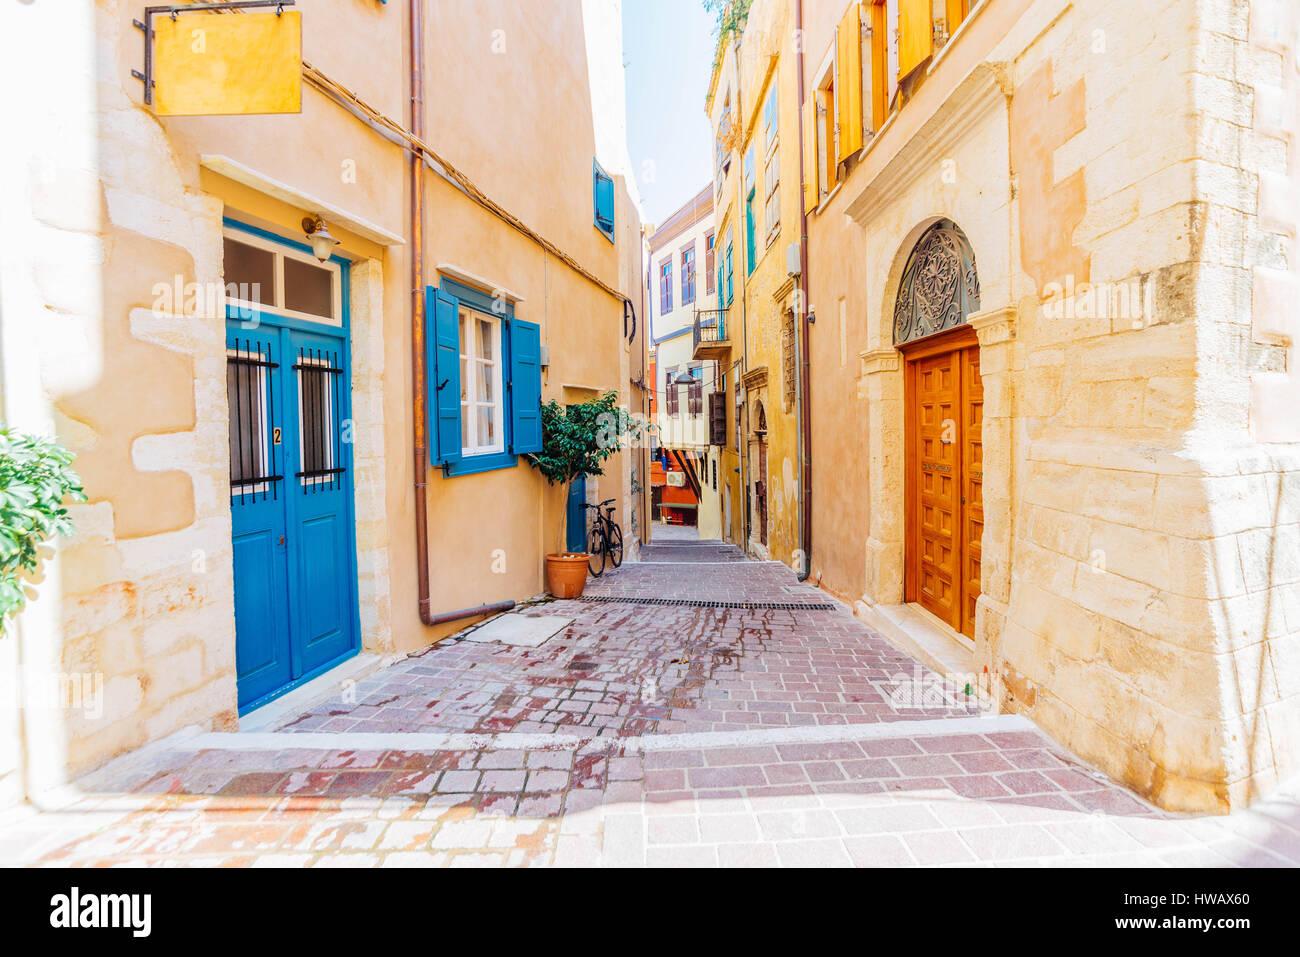 Romantic old stone and cobblestone streets of Chaina, Crete island, Greece Stock Photo